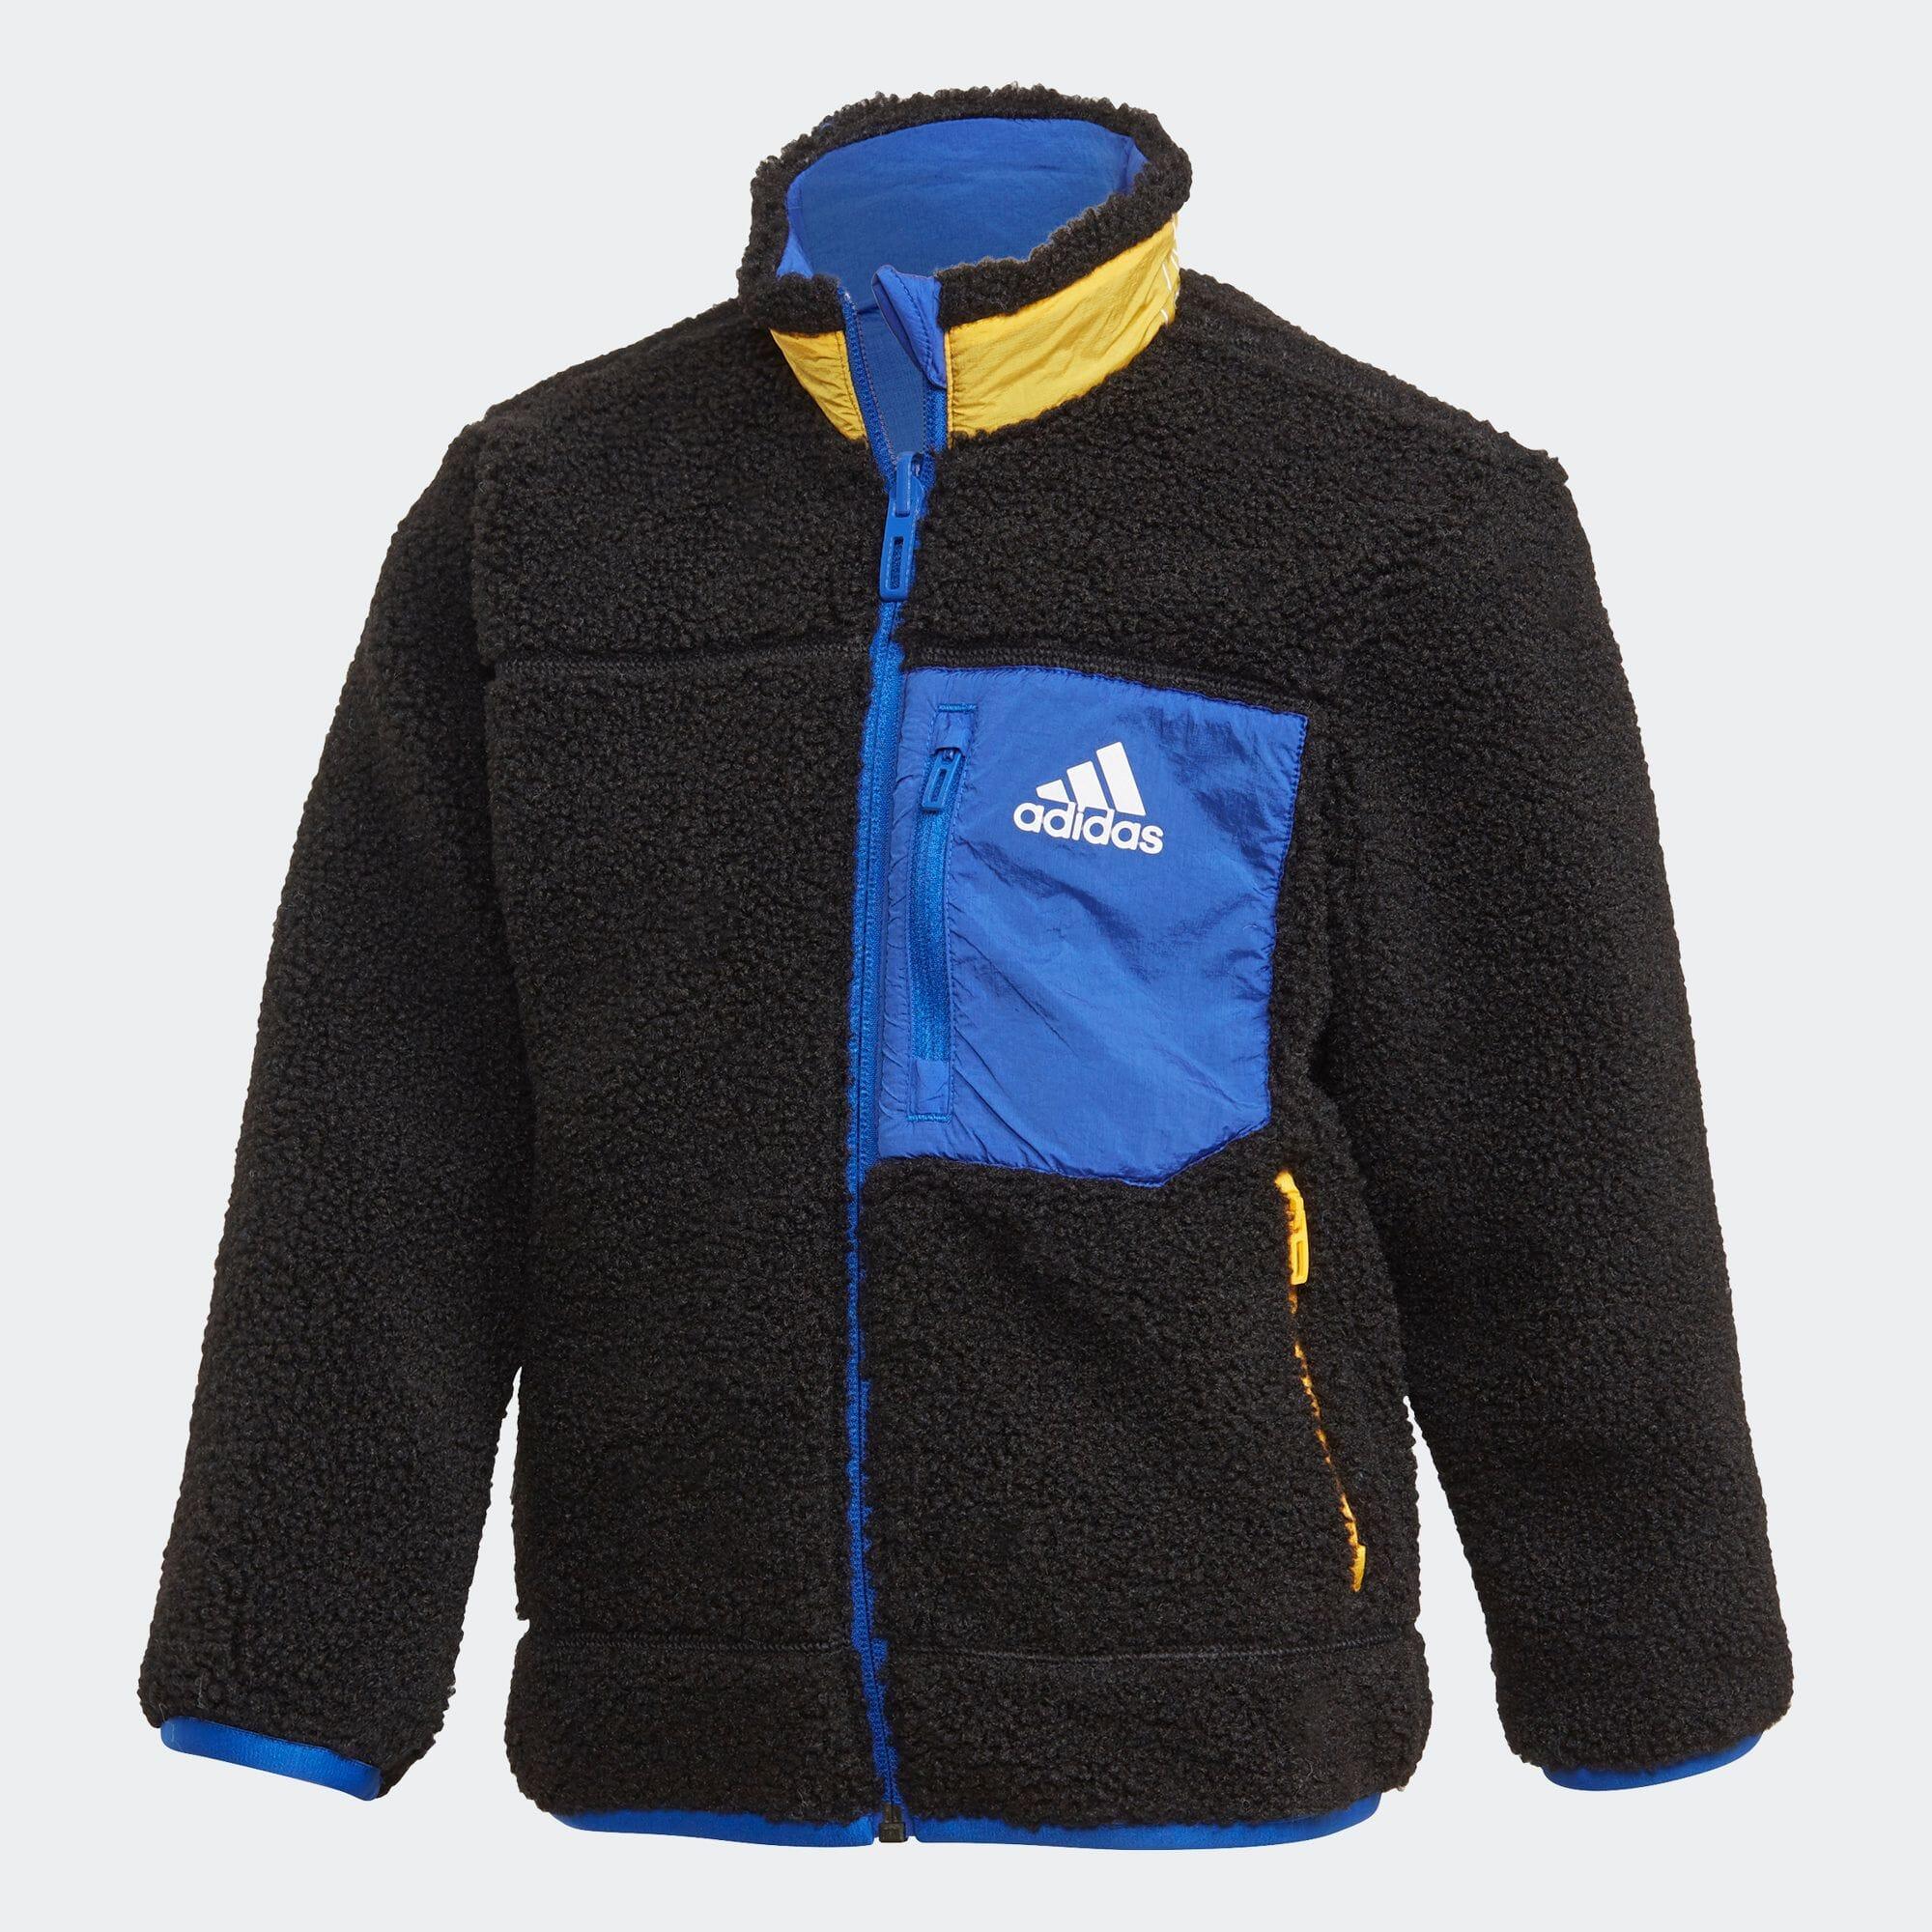 リバーシブル ボアジャケット / Reversible BOA Jacket